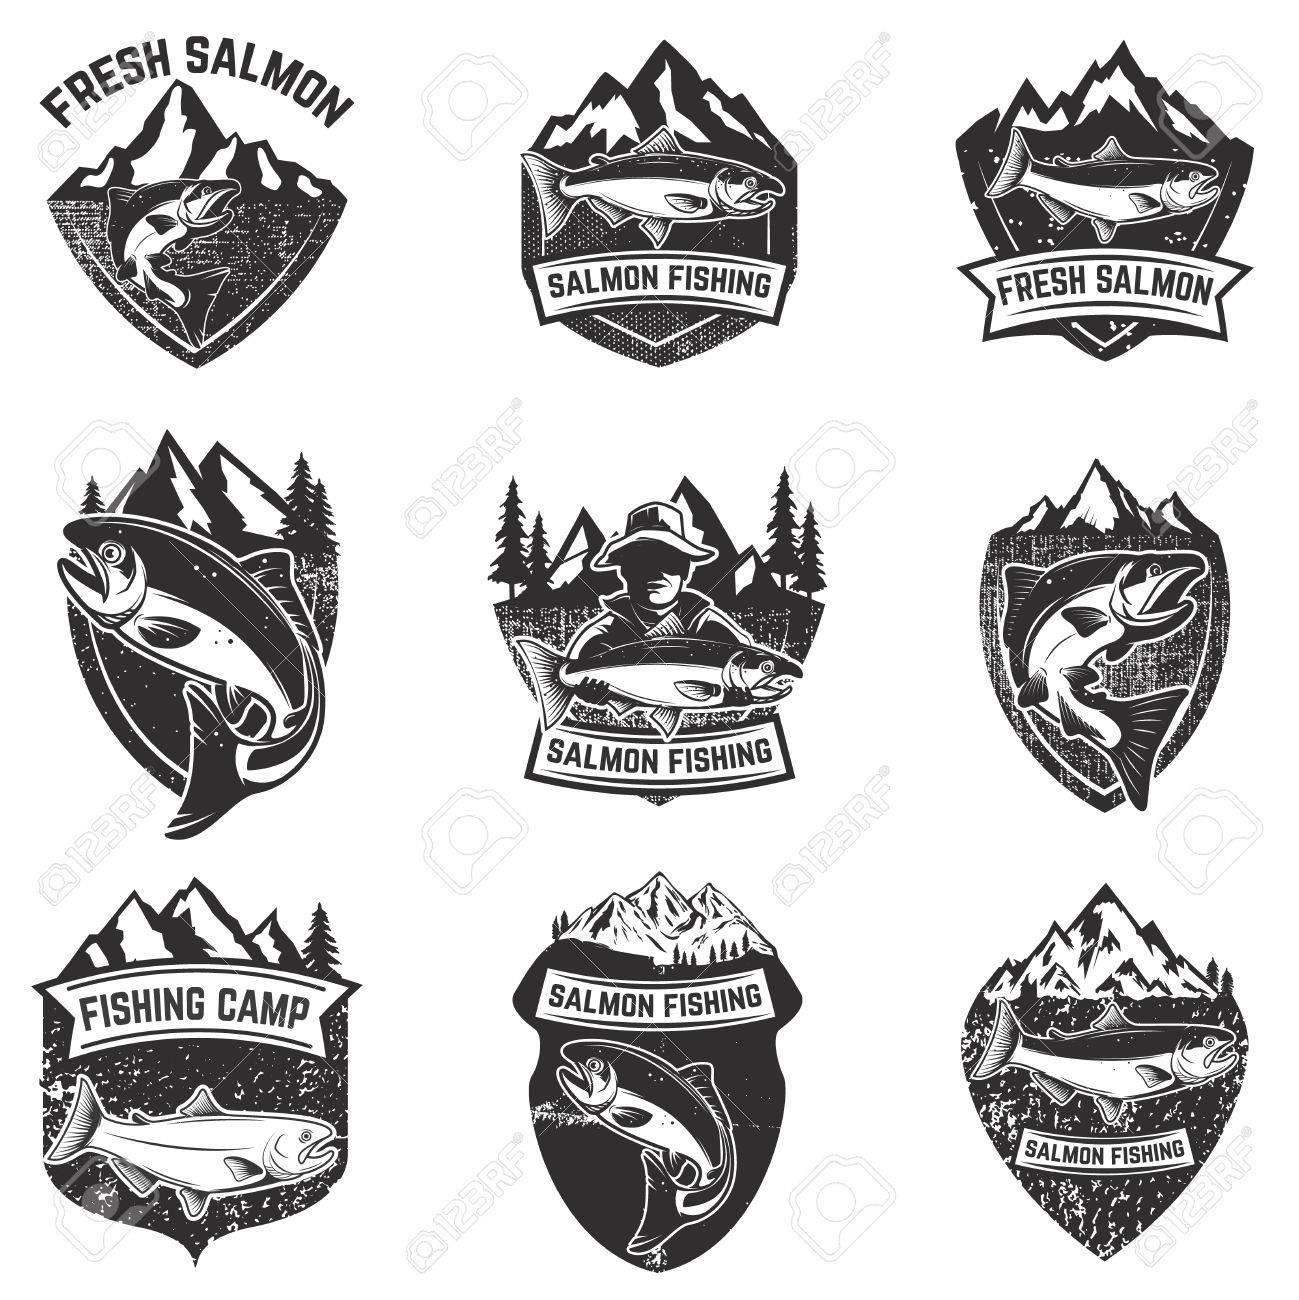 Set of grunge badges with salmon fish. Design elements for logo, label, emblem, poster, t-shirt. Vector illustration. - 73401586